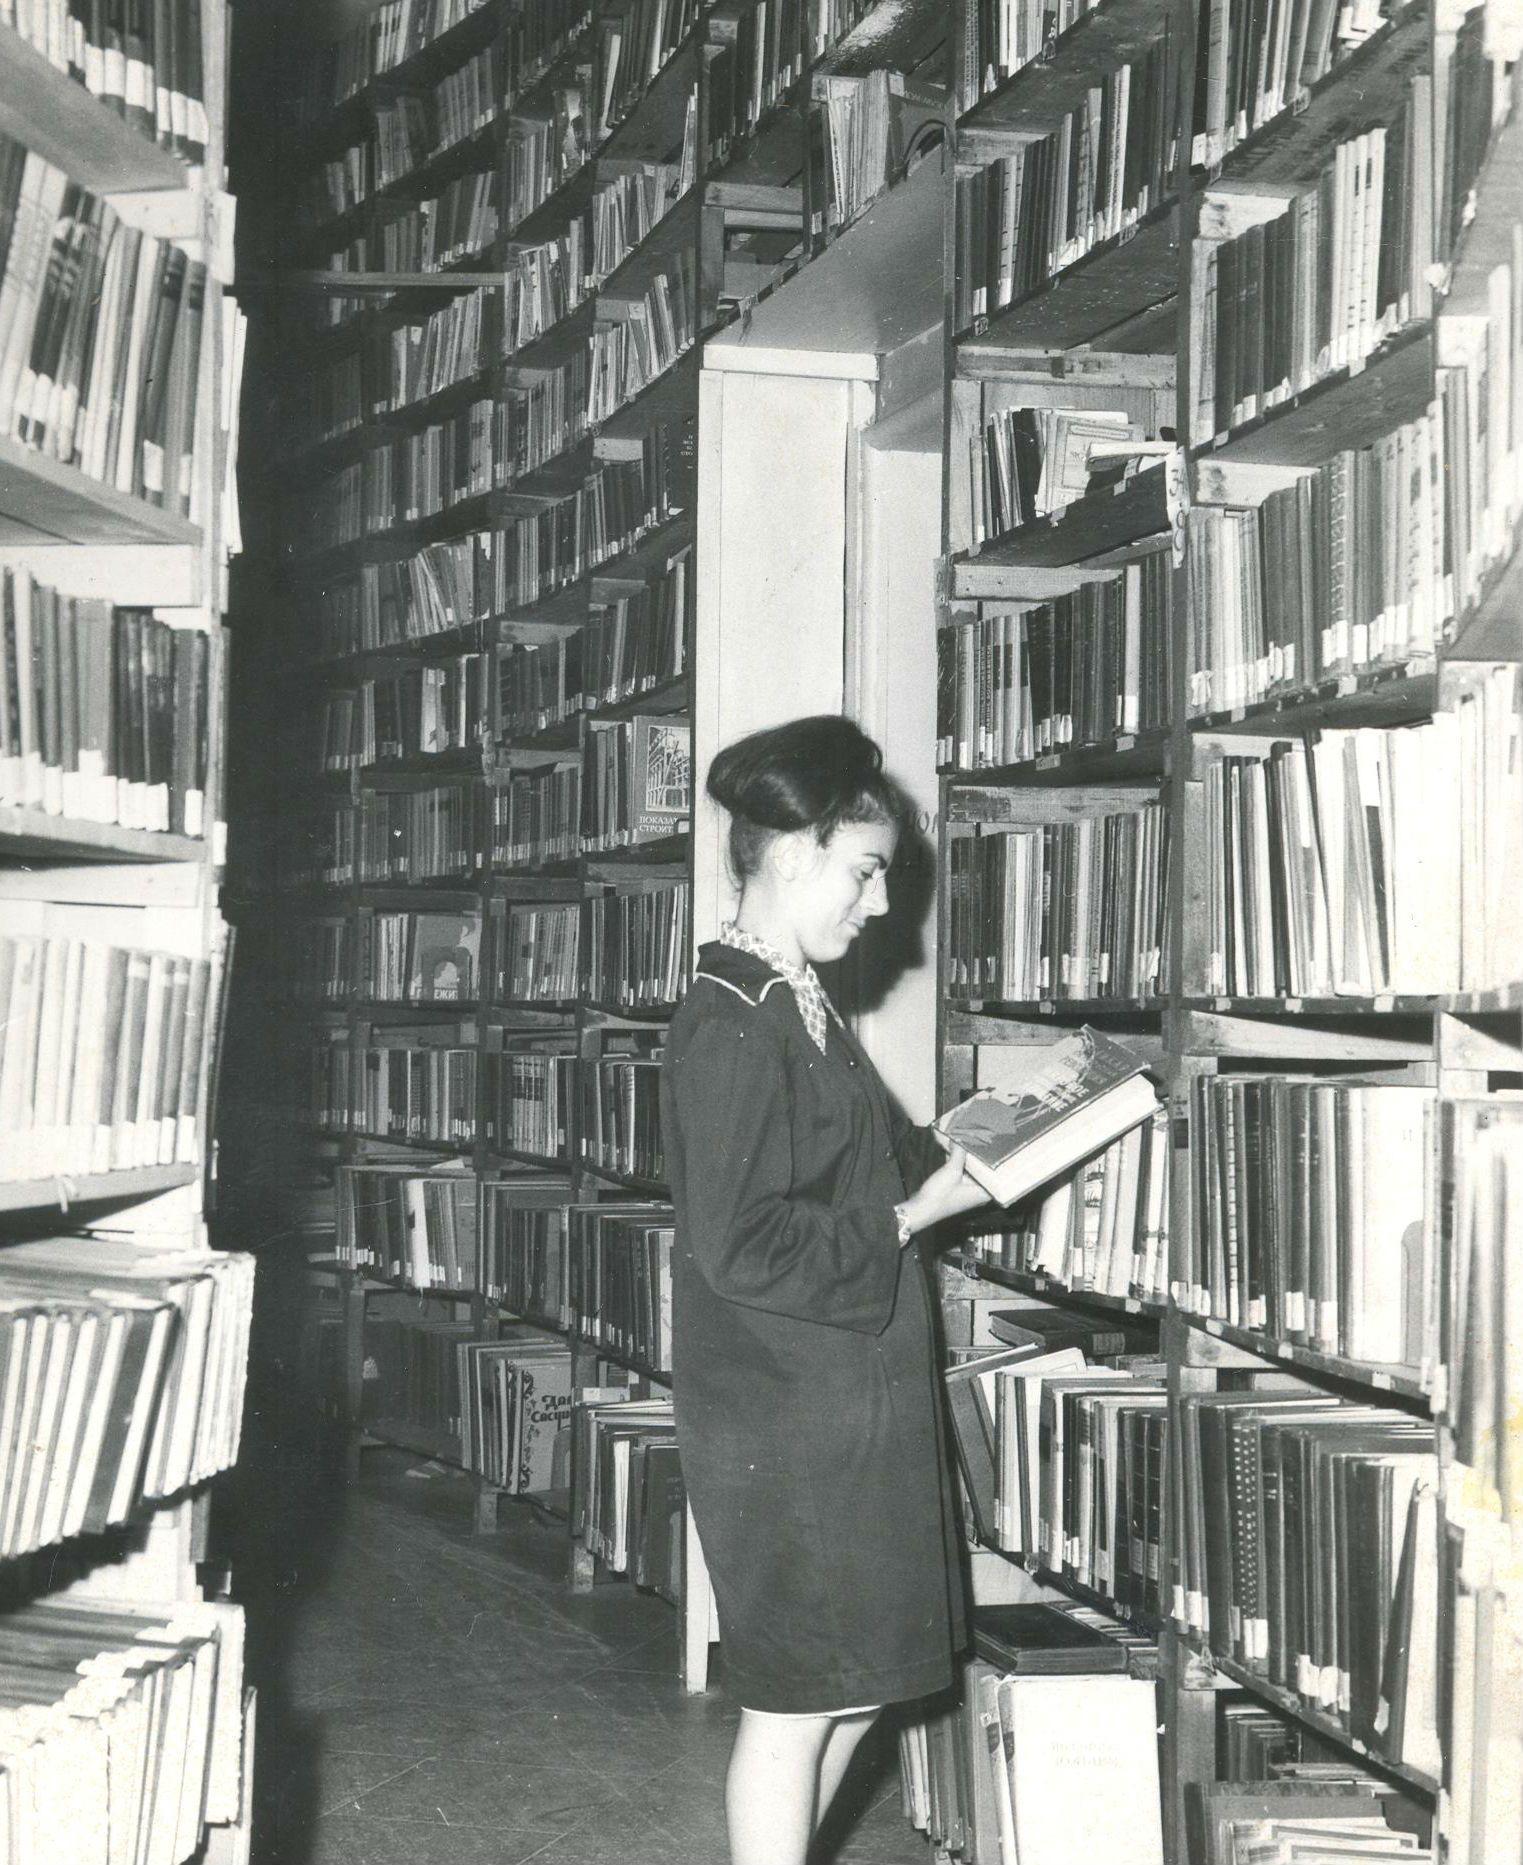 Foto historike e ambienteve të brendshme të BKSH-së